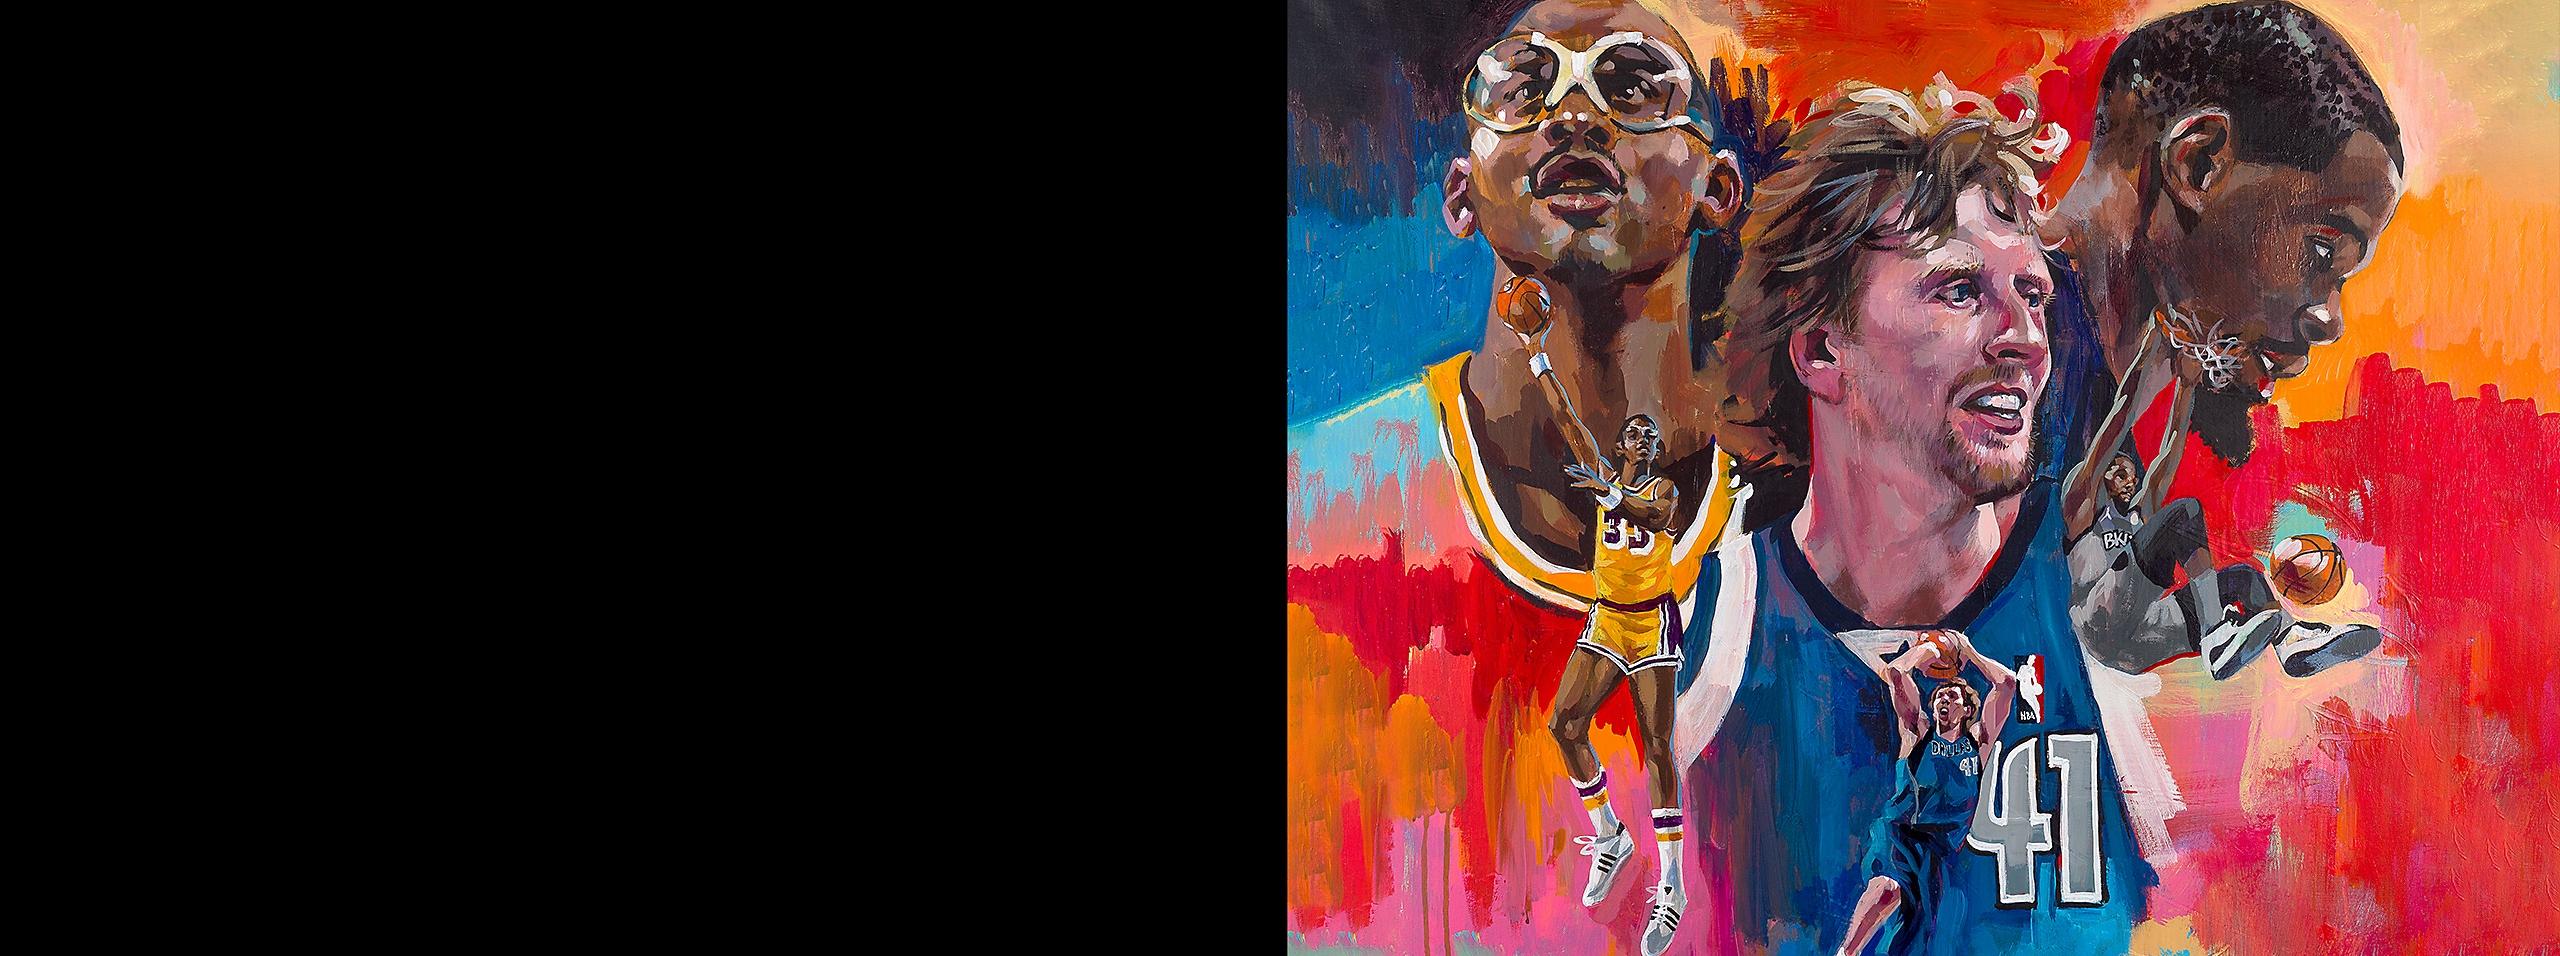 NBA 2K22 - Key Art